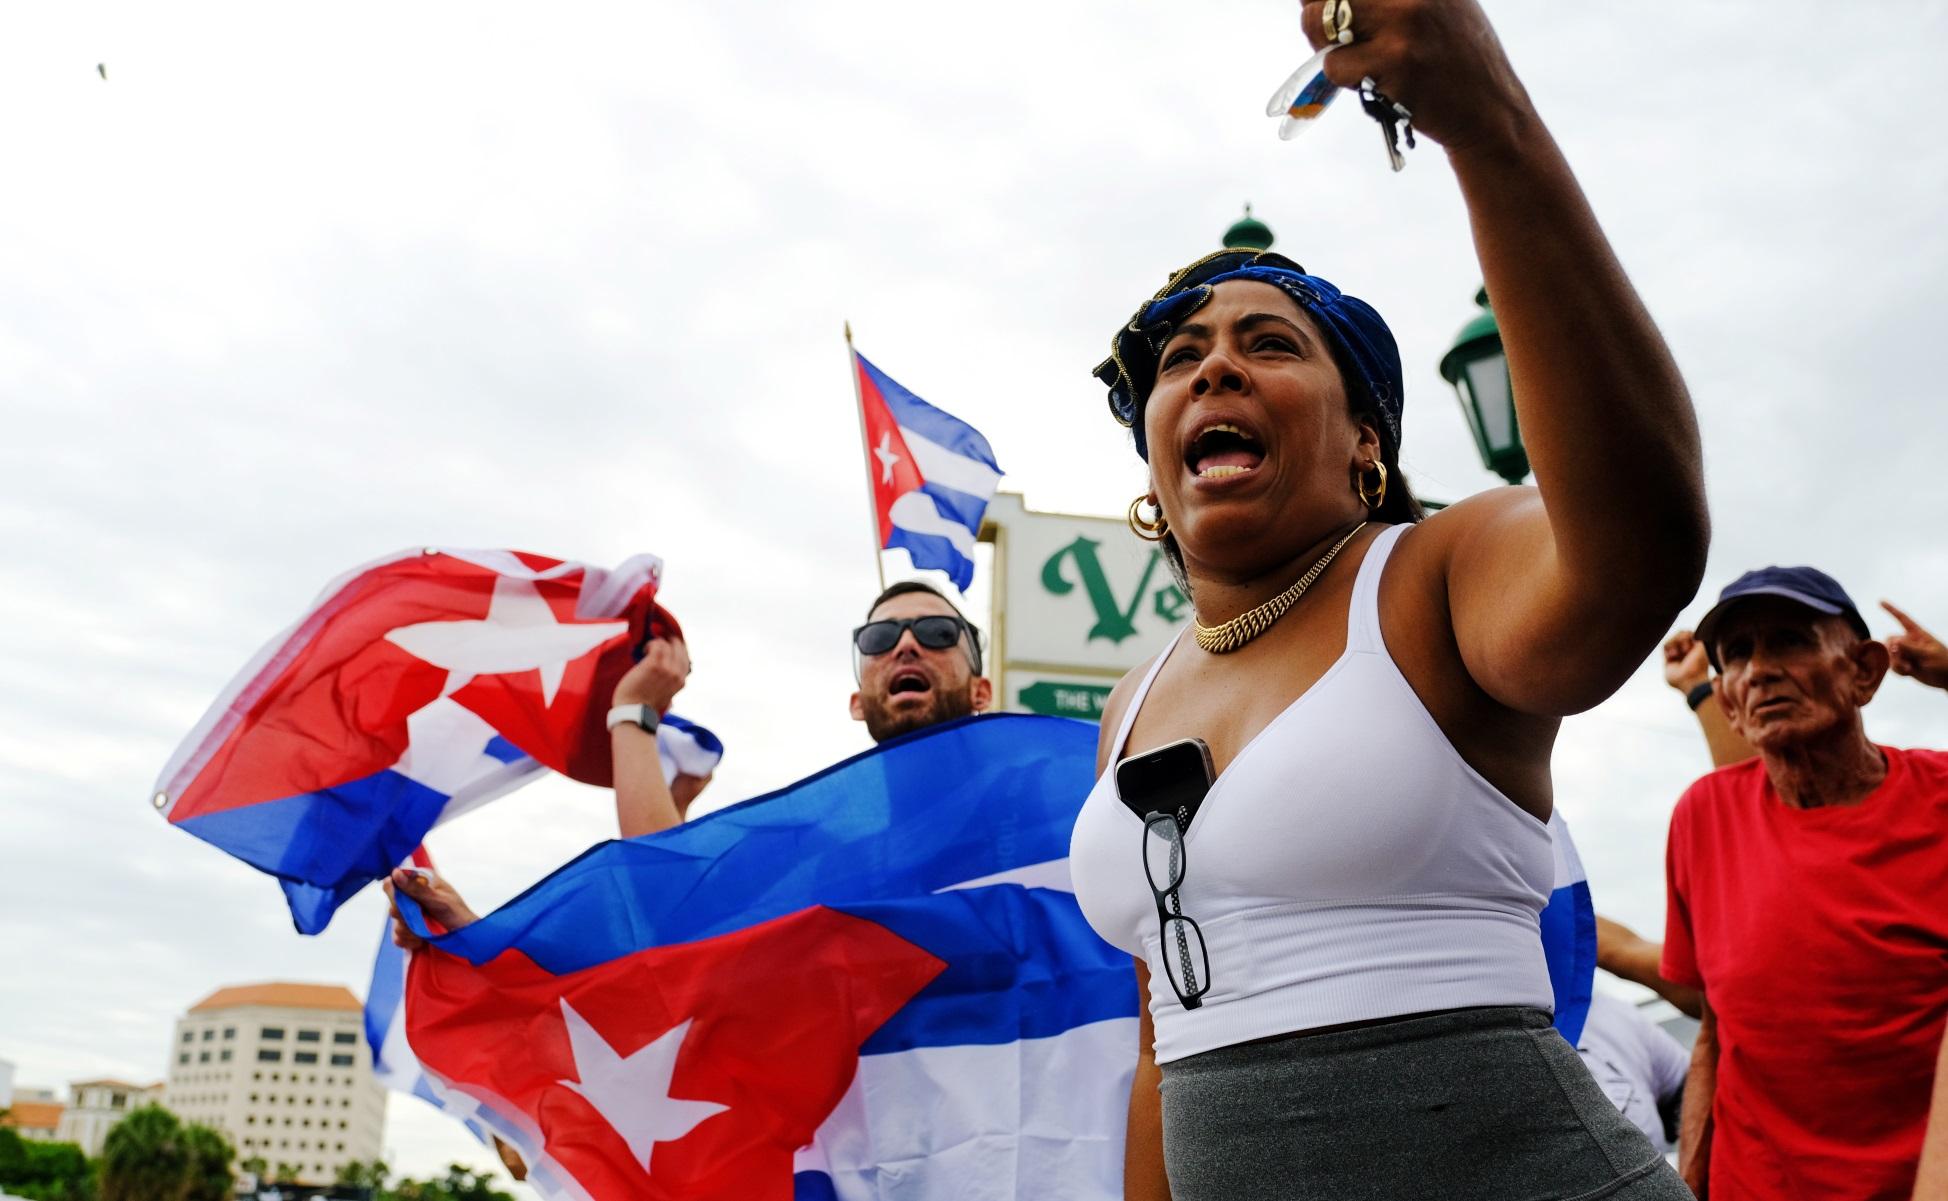 Κούβα: Δεκάδες συλλήψεις αντικαθεστωτικών διαδηλωτών – Αμερικανικό «δάκτυλο» βλέπει η Αβάνα